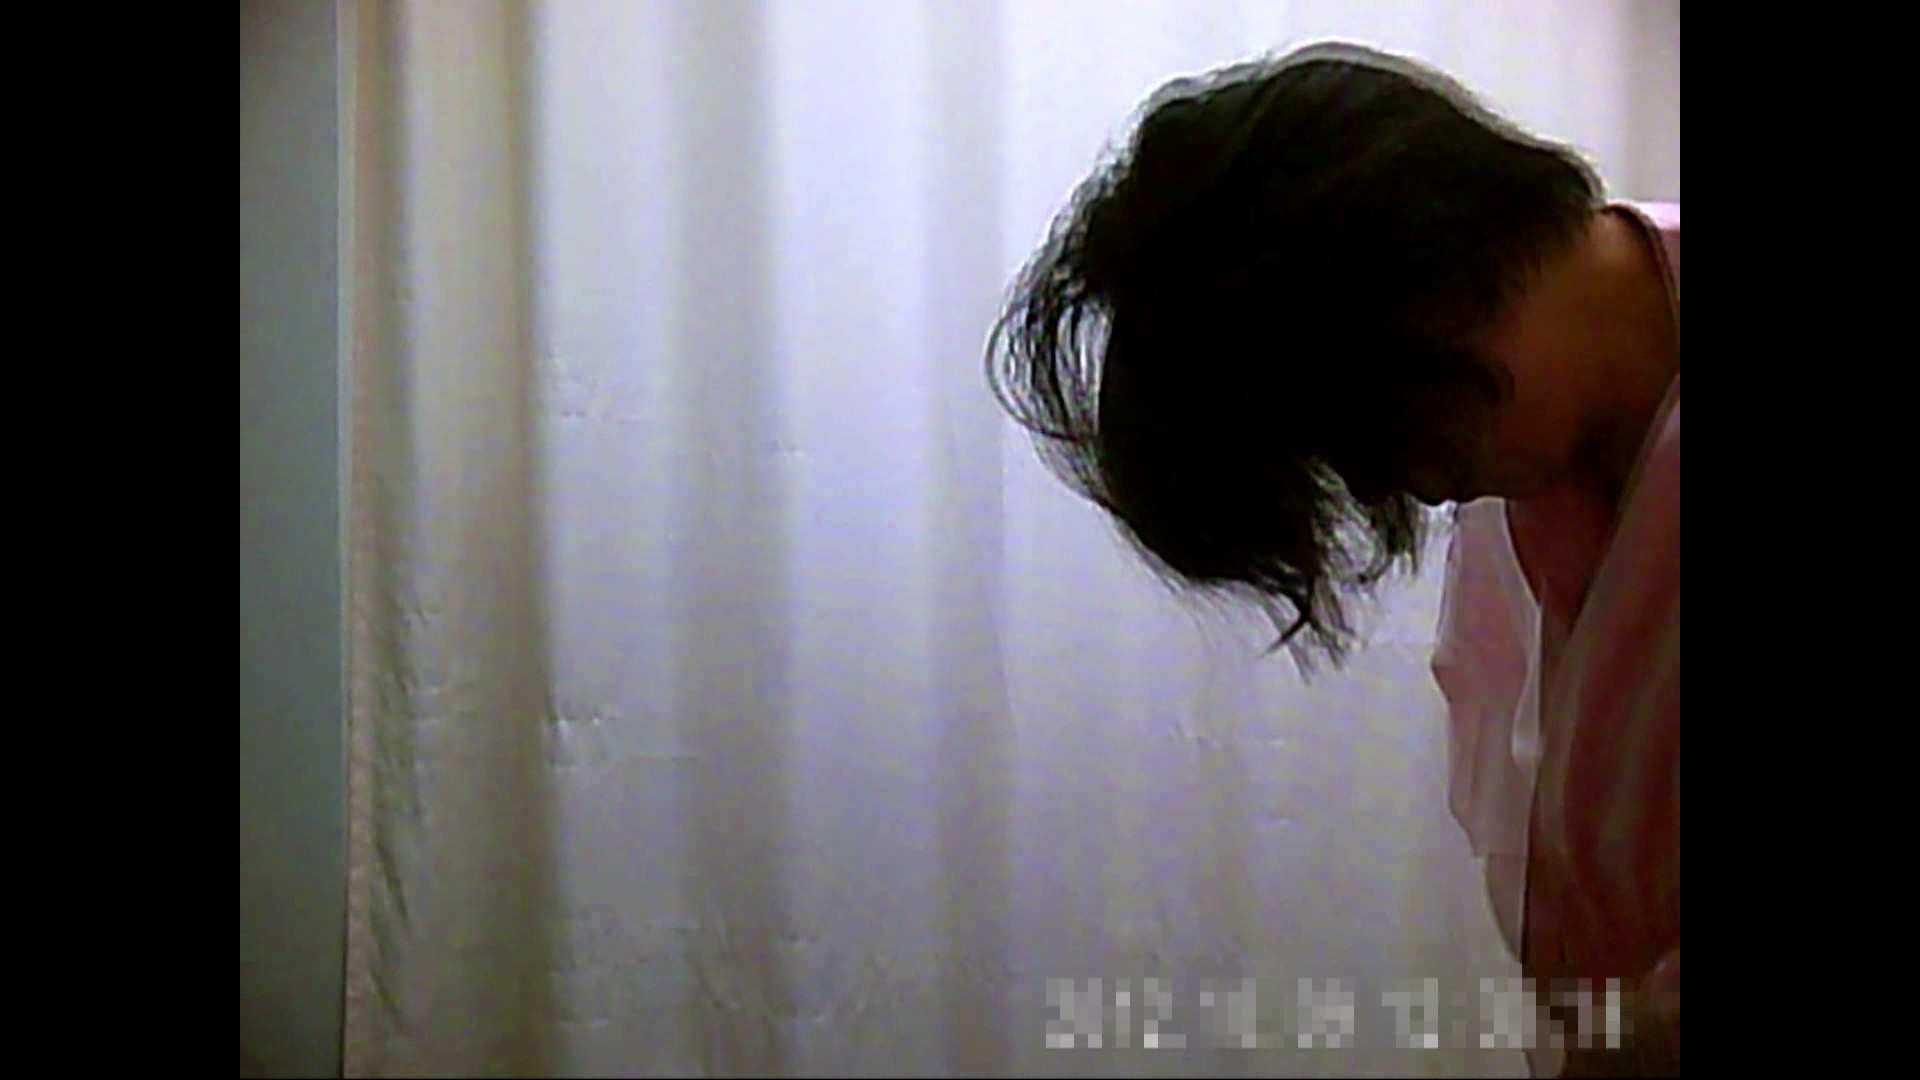 病院おもいっきり着替え! vol.230 乳首 隠し撮りオマンコ動画紹介 85pic 11